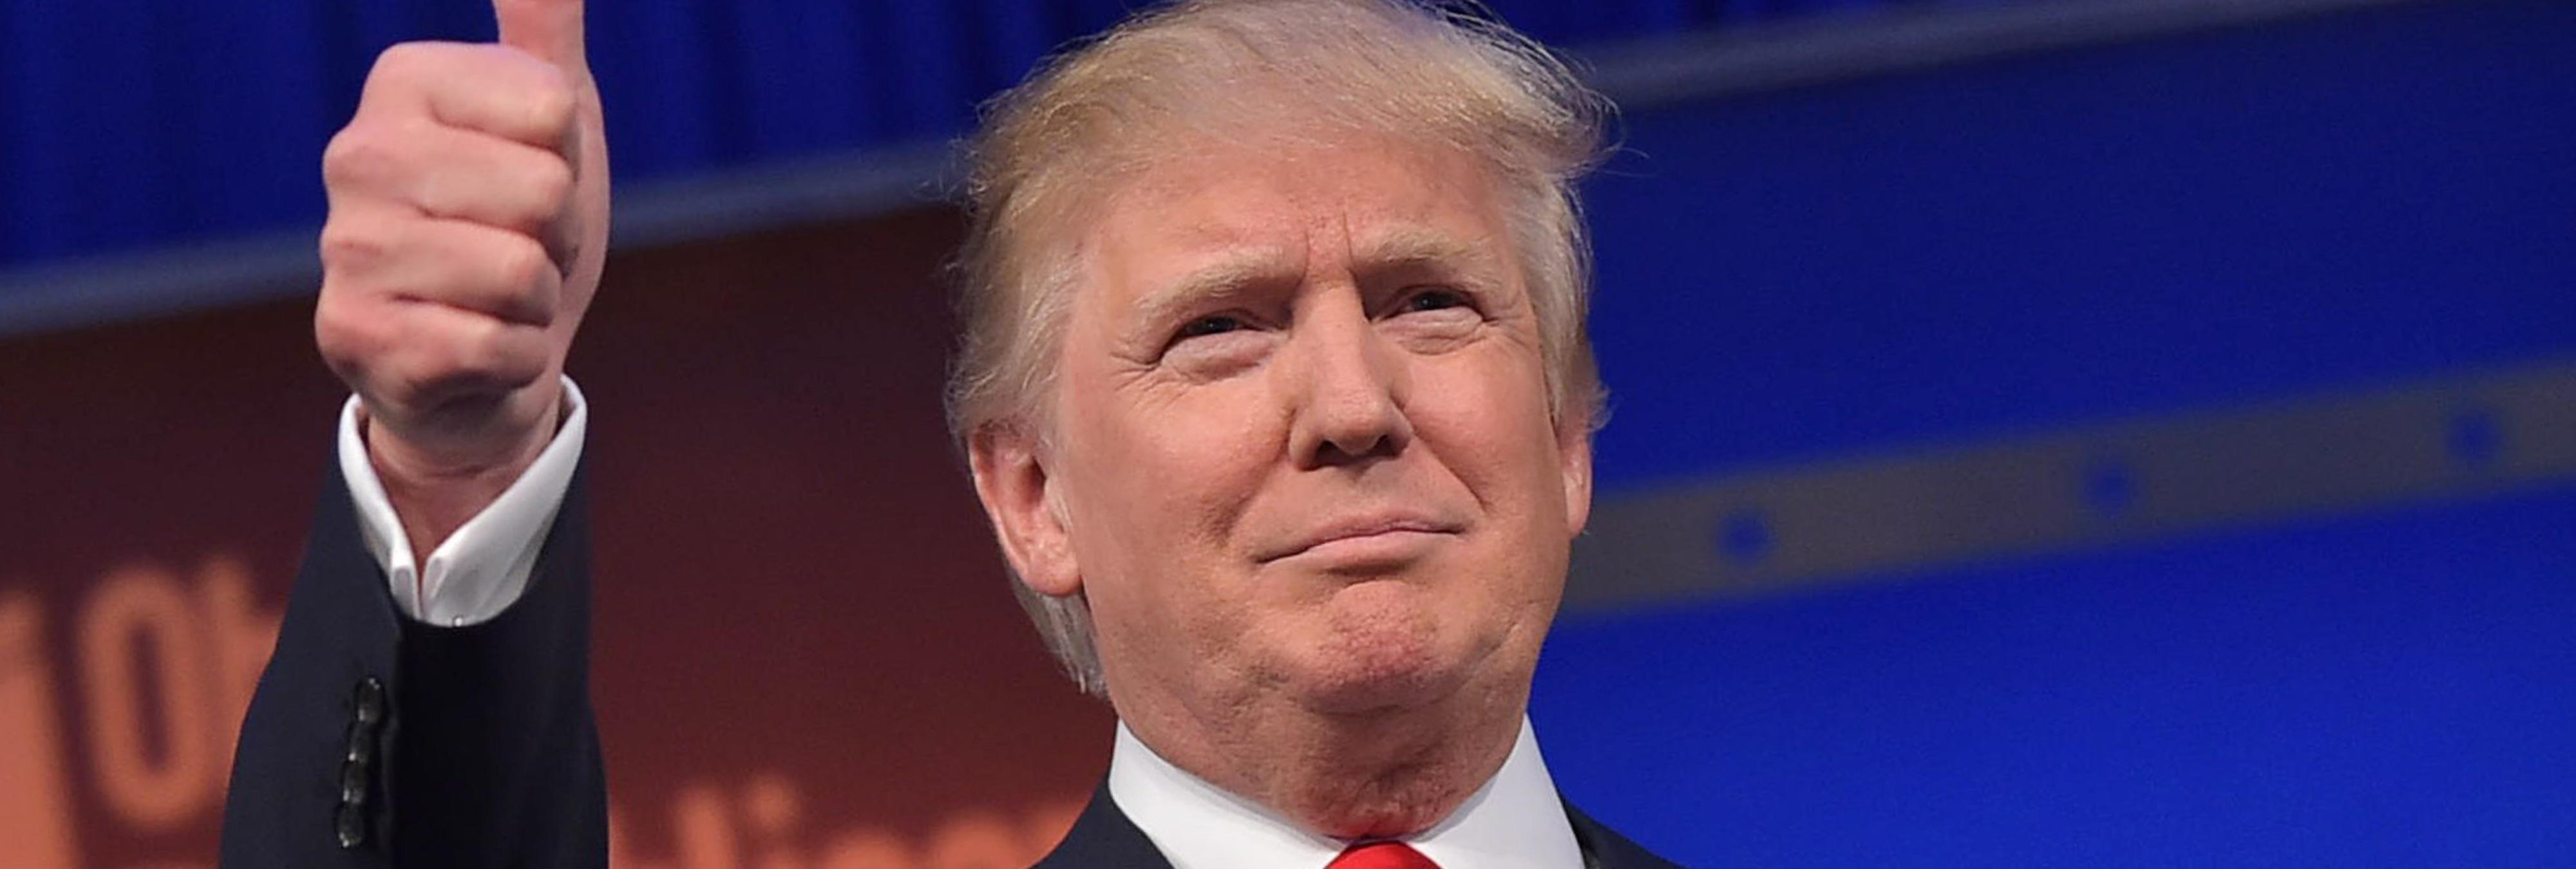 Una teoría conspiratoria asegura que Trump es un viajero del tiempo